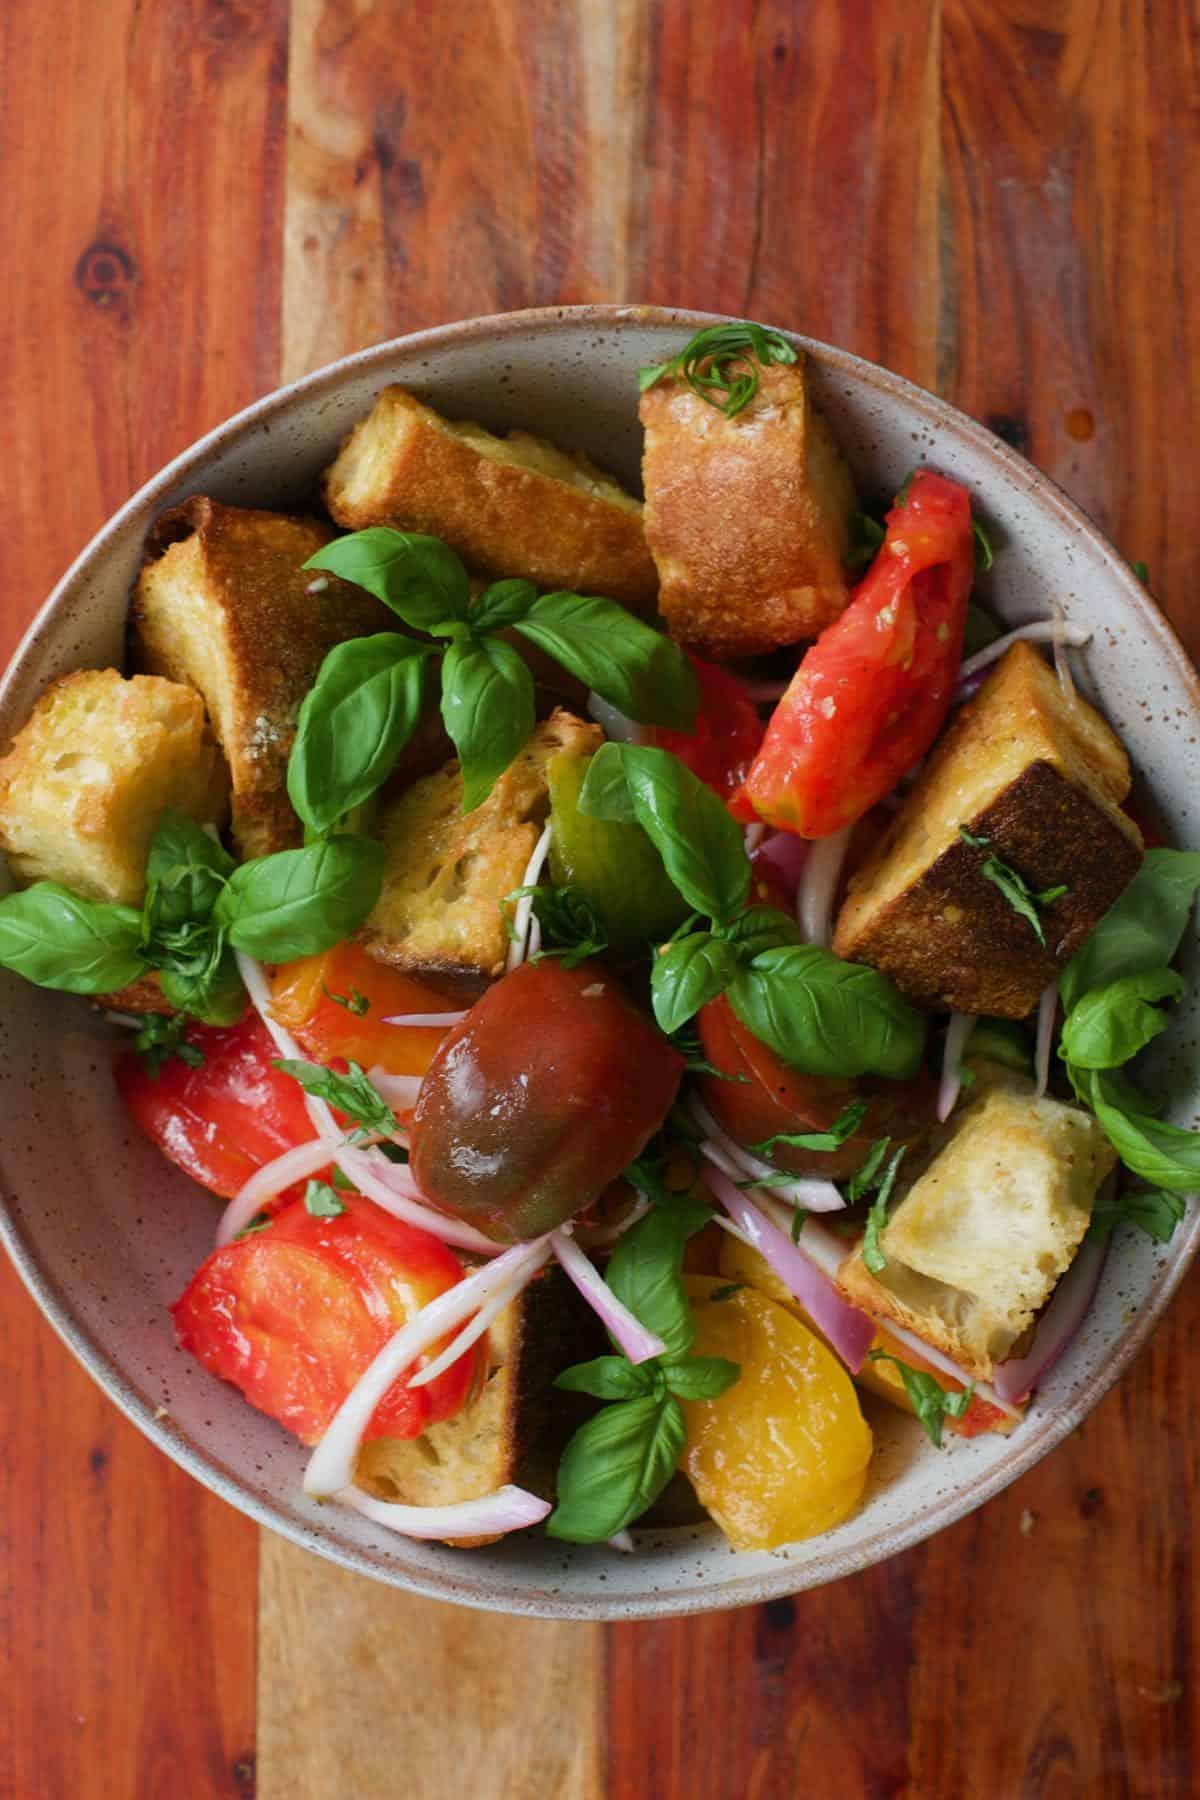 A bowl with panzanella salad